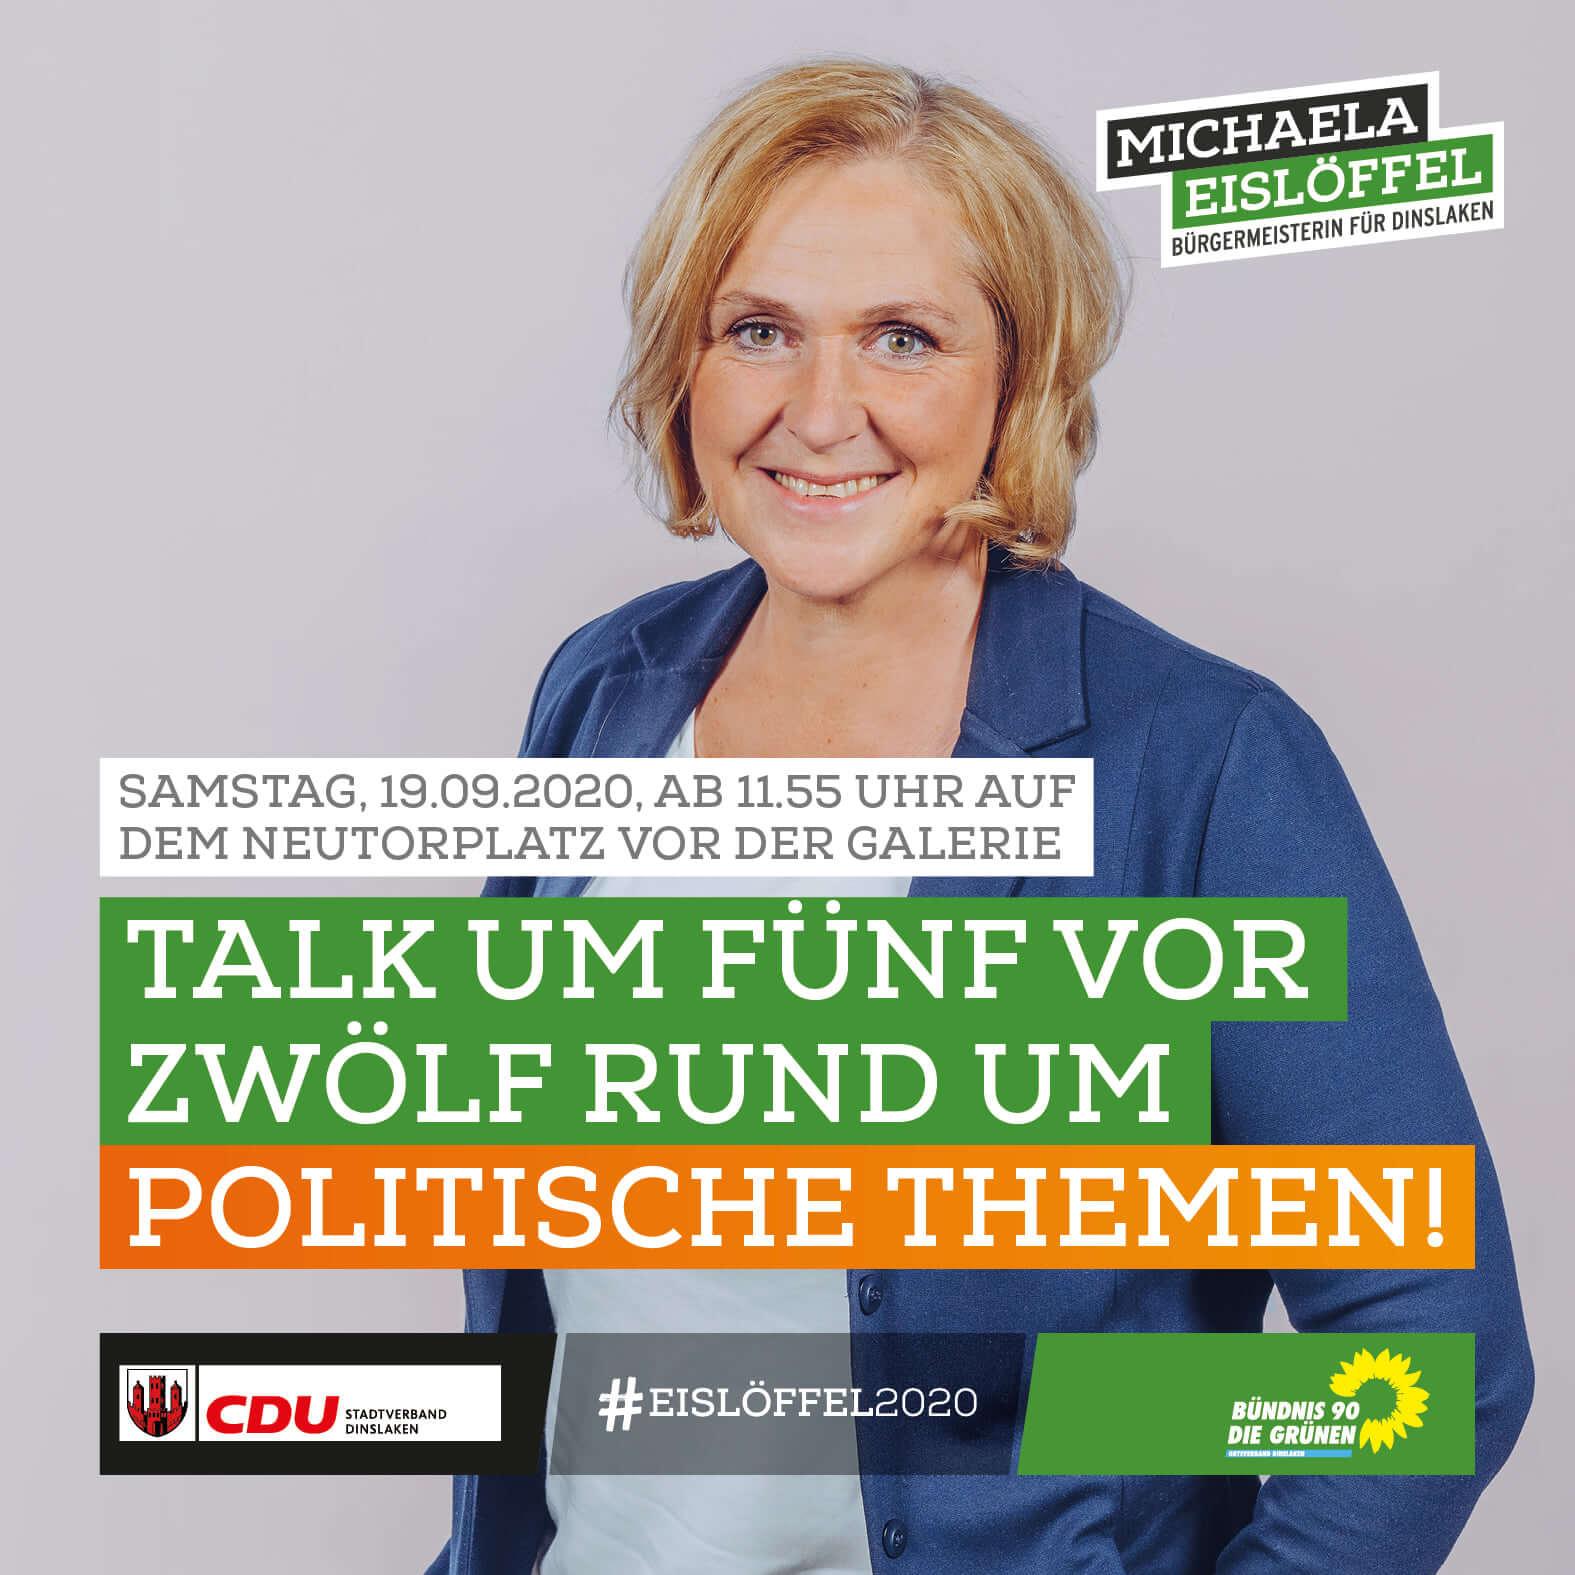 Michaela Eislöffel - Talk um Fünf vor Zwölf rund um politische Themen am 19 September 2020 Neutorplatz Dinslaken